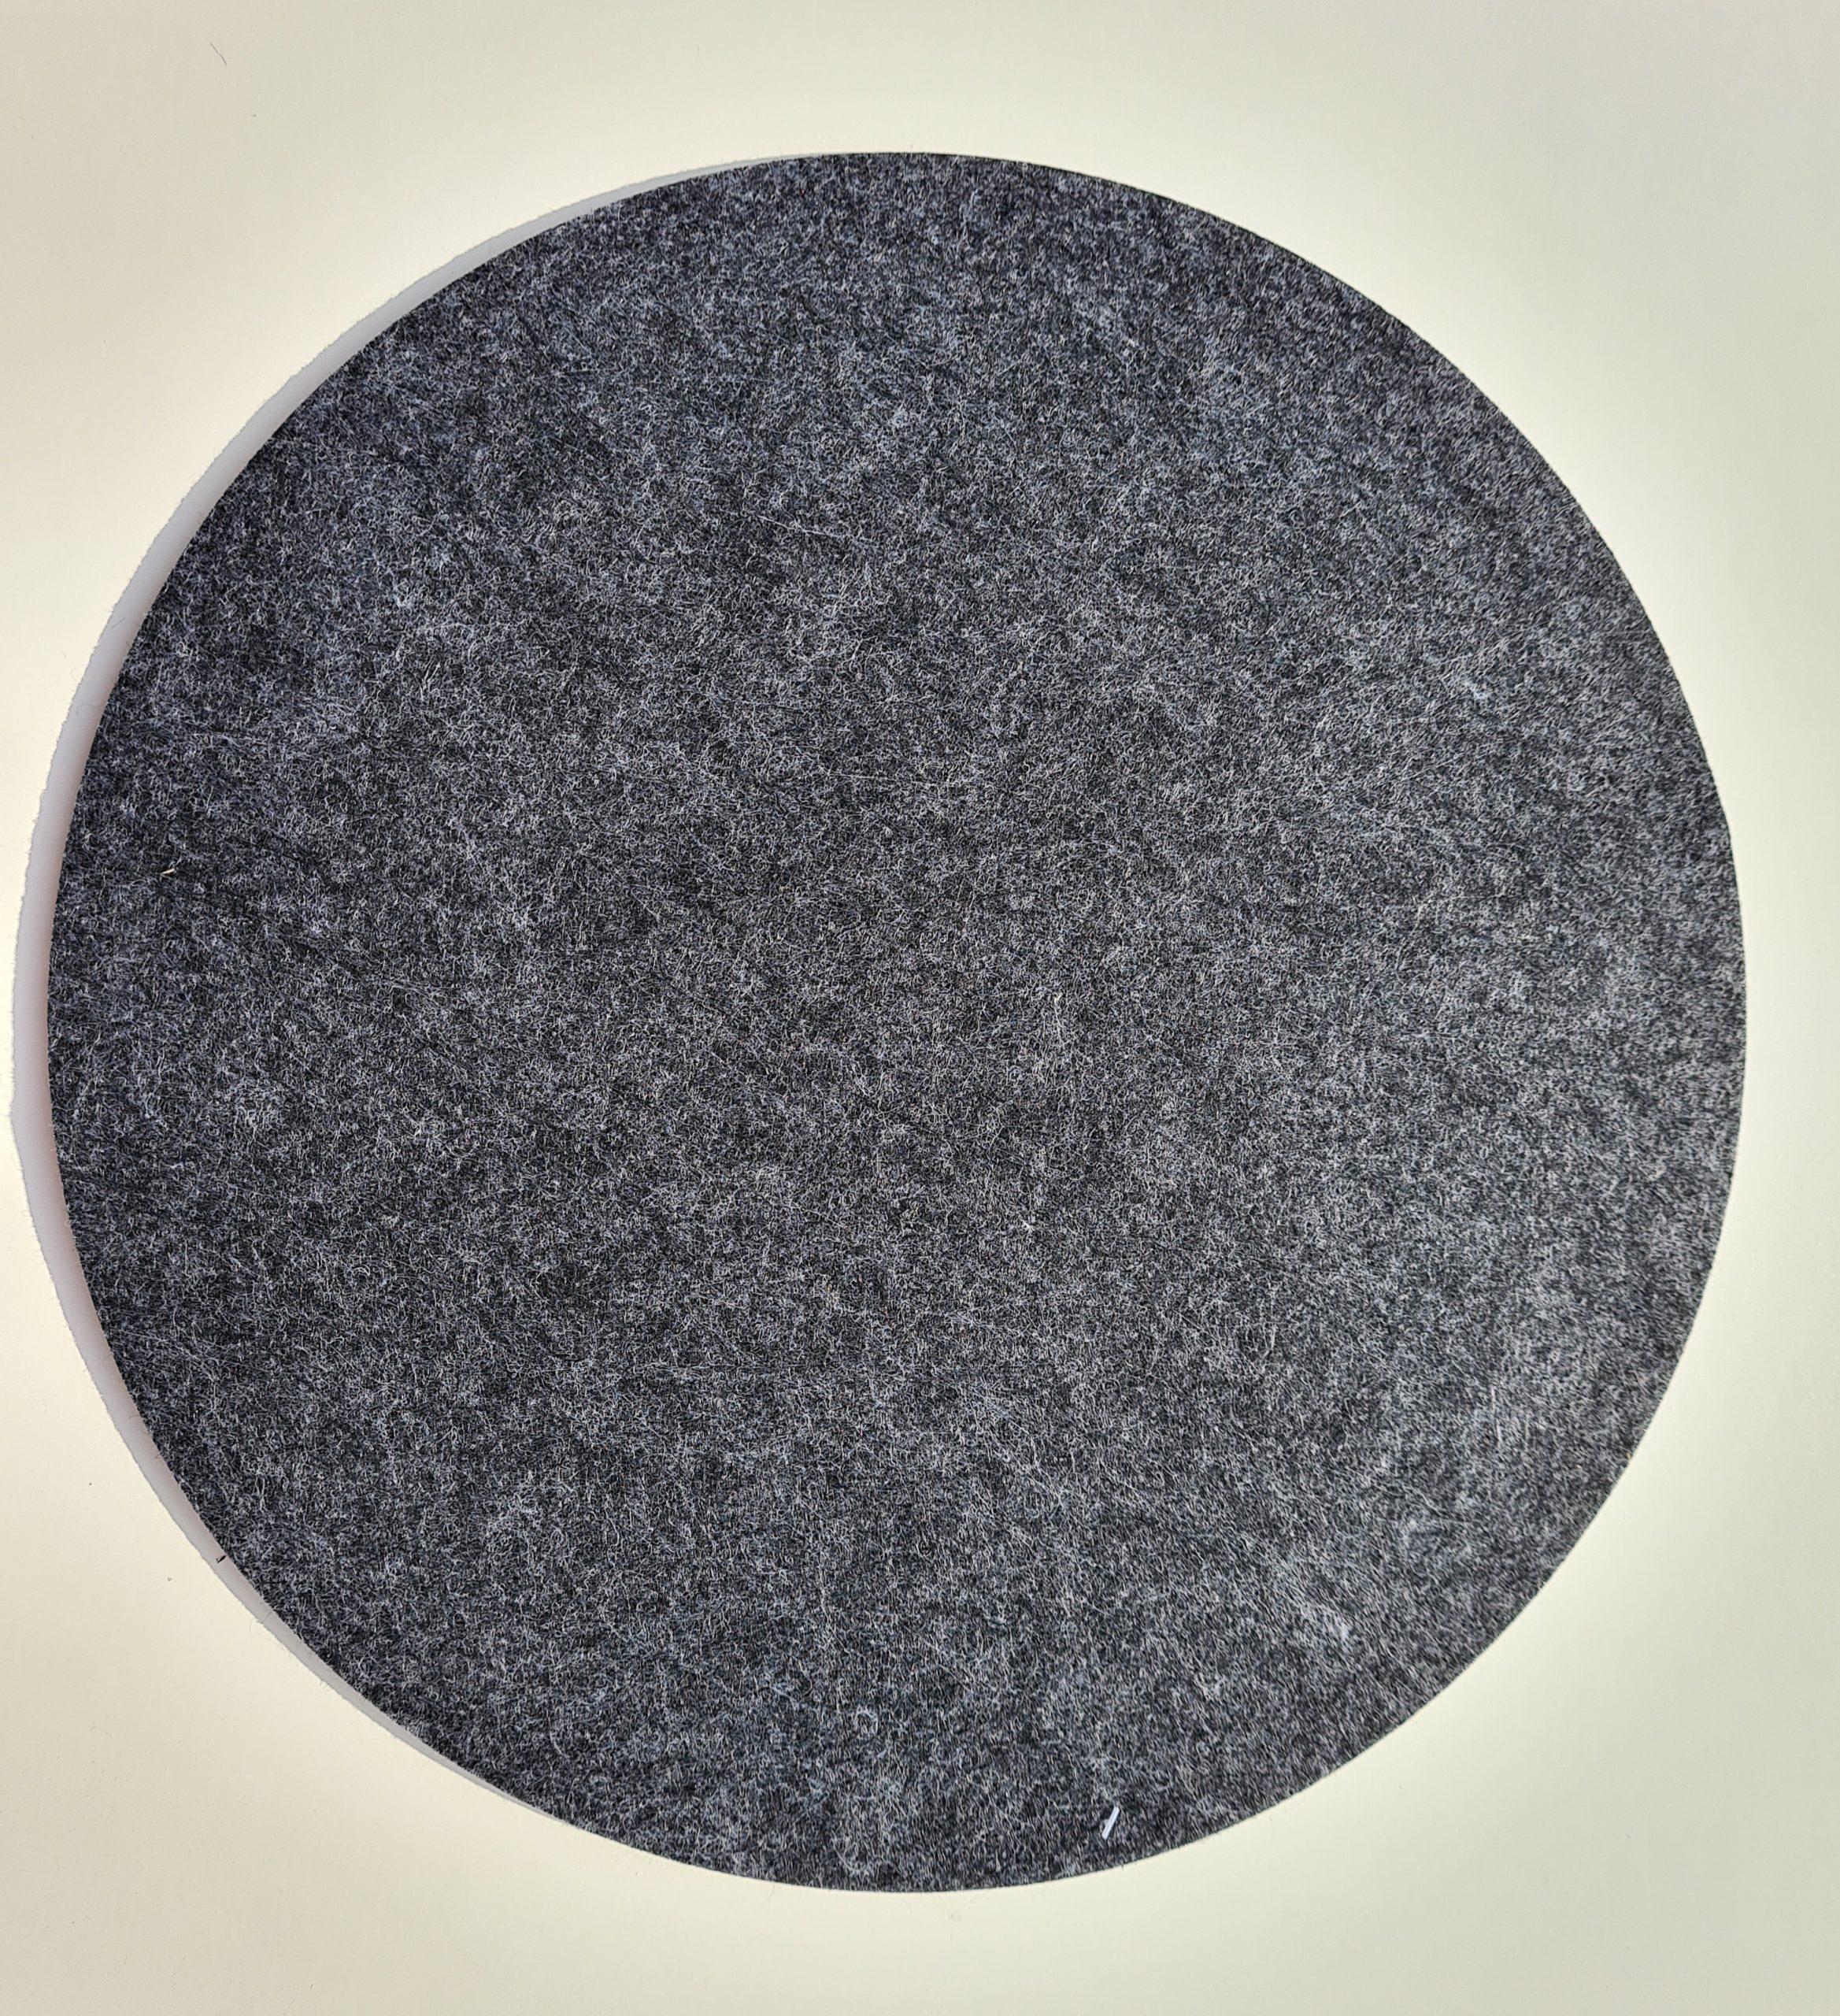 Schwarzer Filz-Untersetzter rund - Handgemachte individualisierbare Taschen, Körbe, Tischsets, Dekoartikel und mehr auf fideko.de der Onlineshop seit 2011